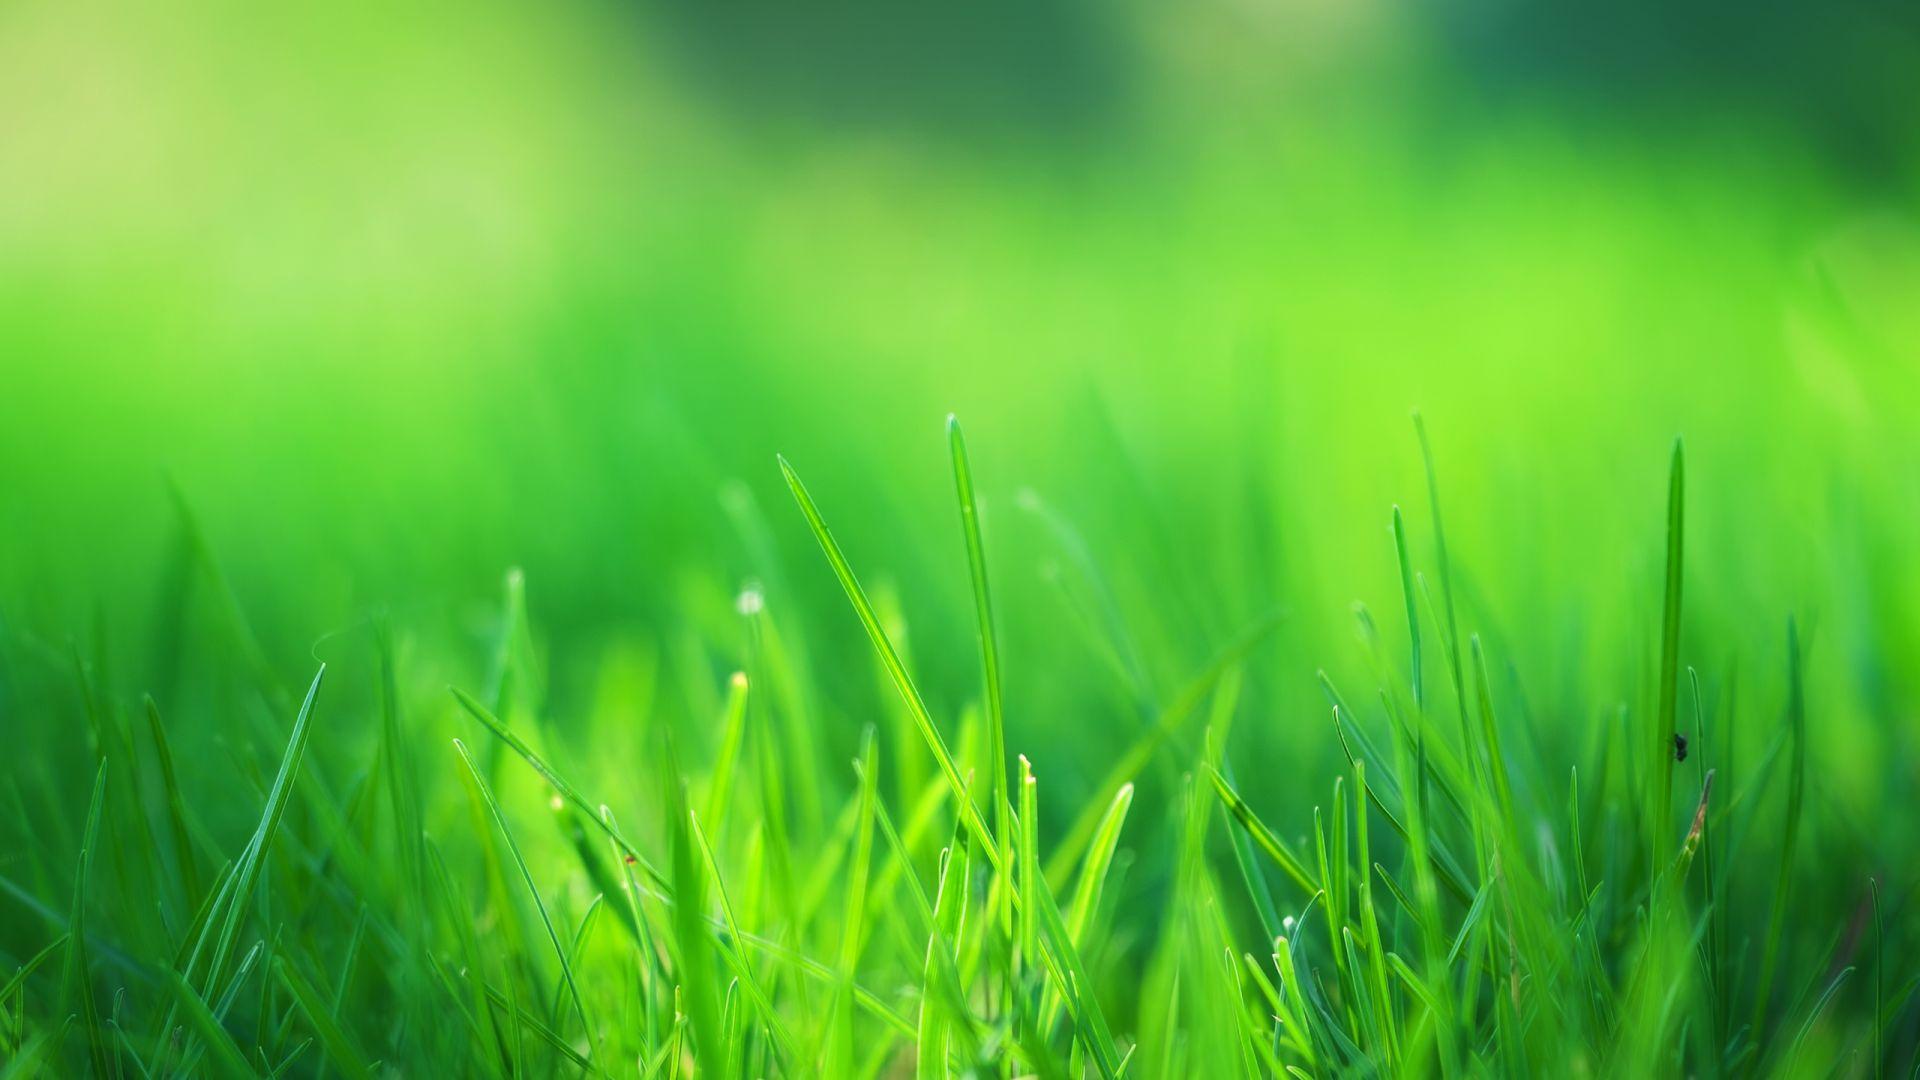 Wallpaper Nature, landscape, green grass, threads, close up